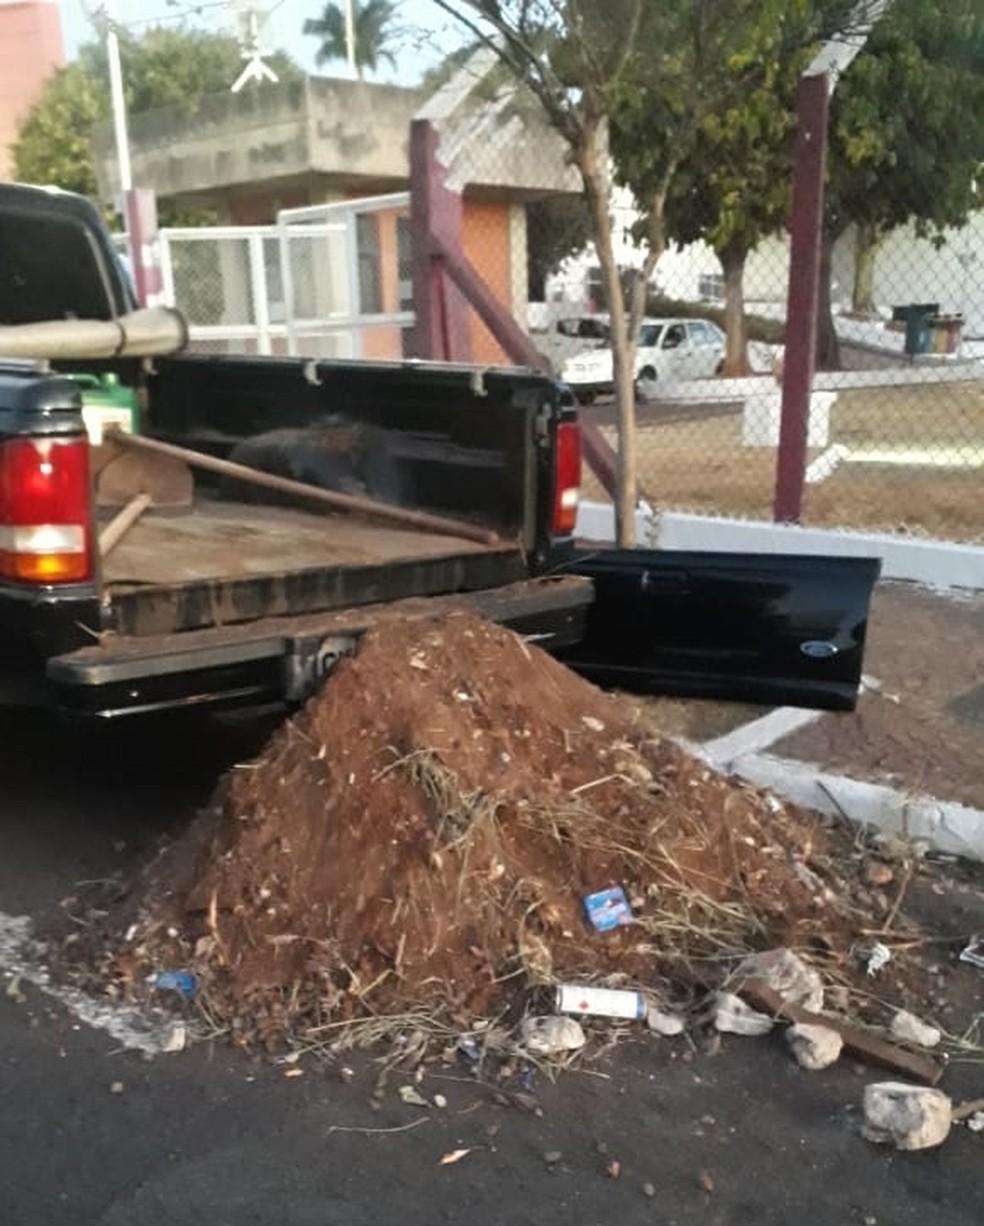 Lixo foi despejado em frente ao prédio da prefeitura (Foto: Arquivo Pessoal)